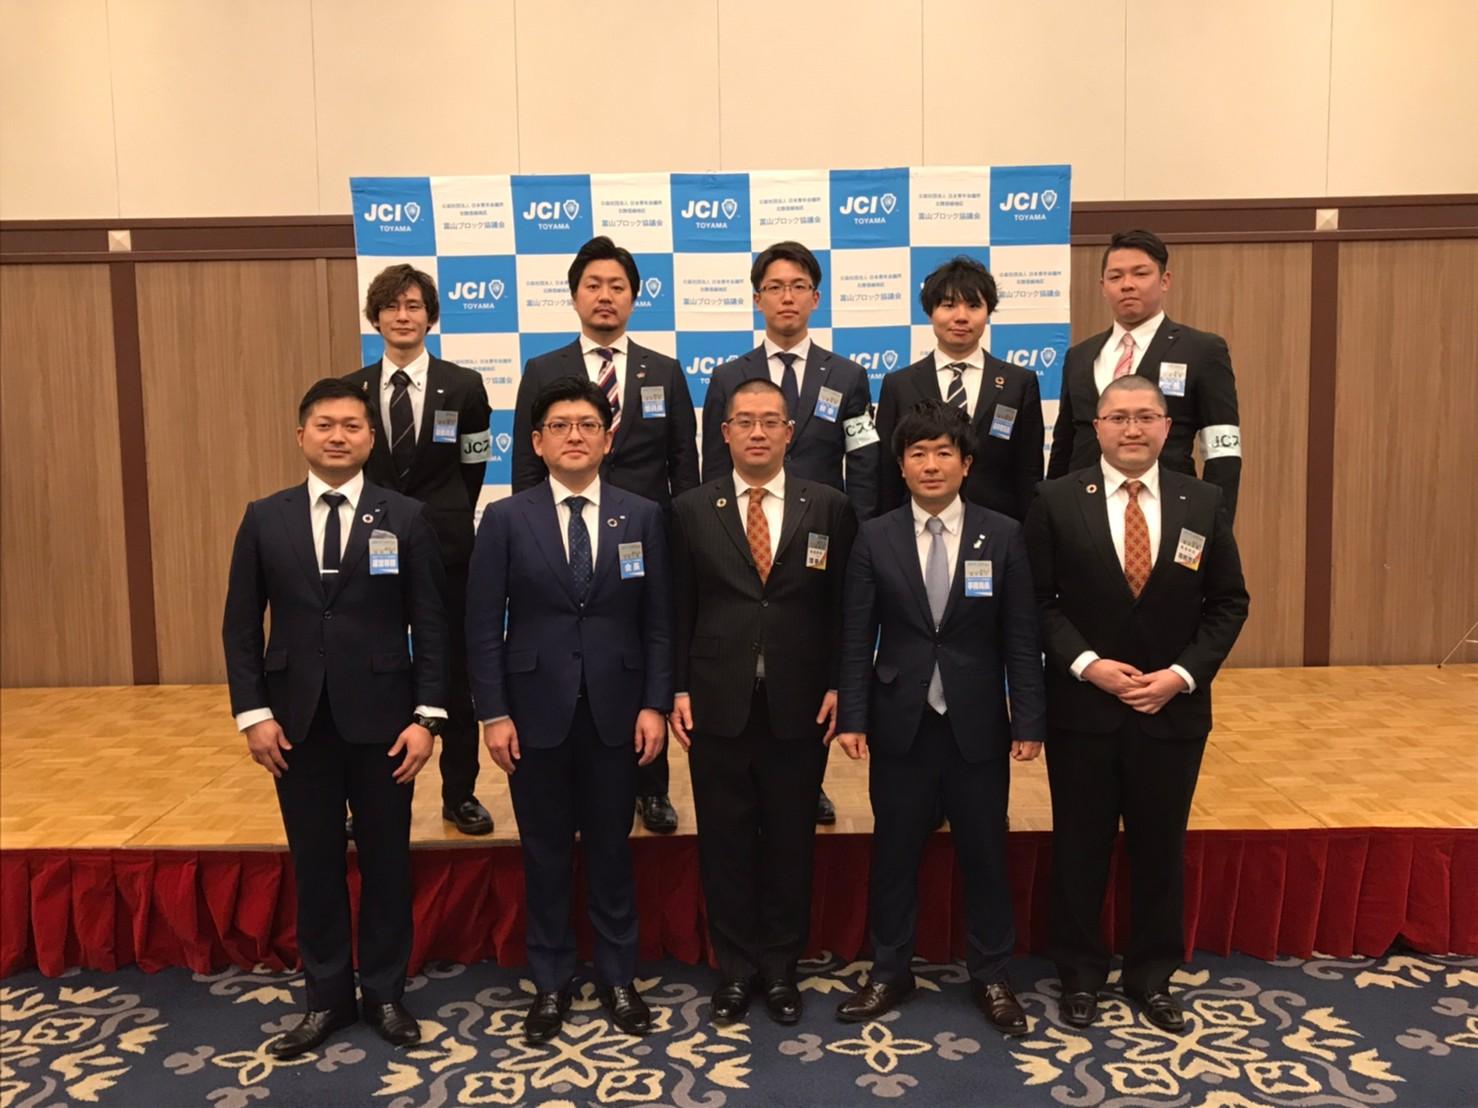 【報告】2月度例会 富山ブロック協議会 第一回全体会議